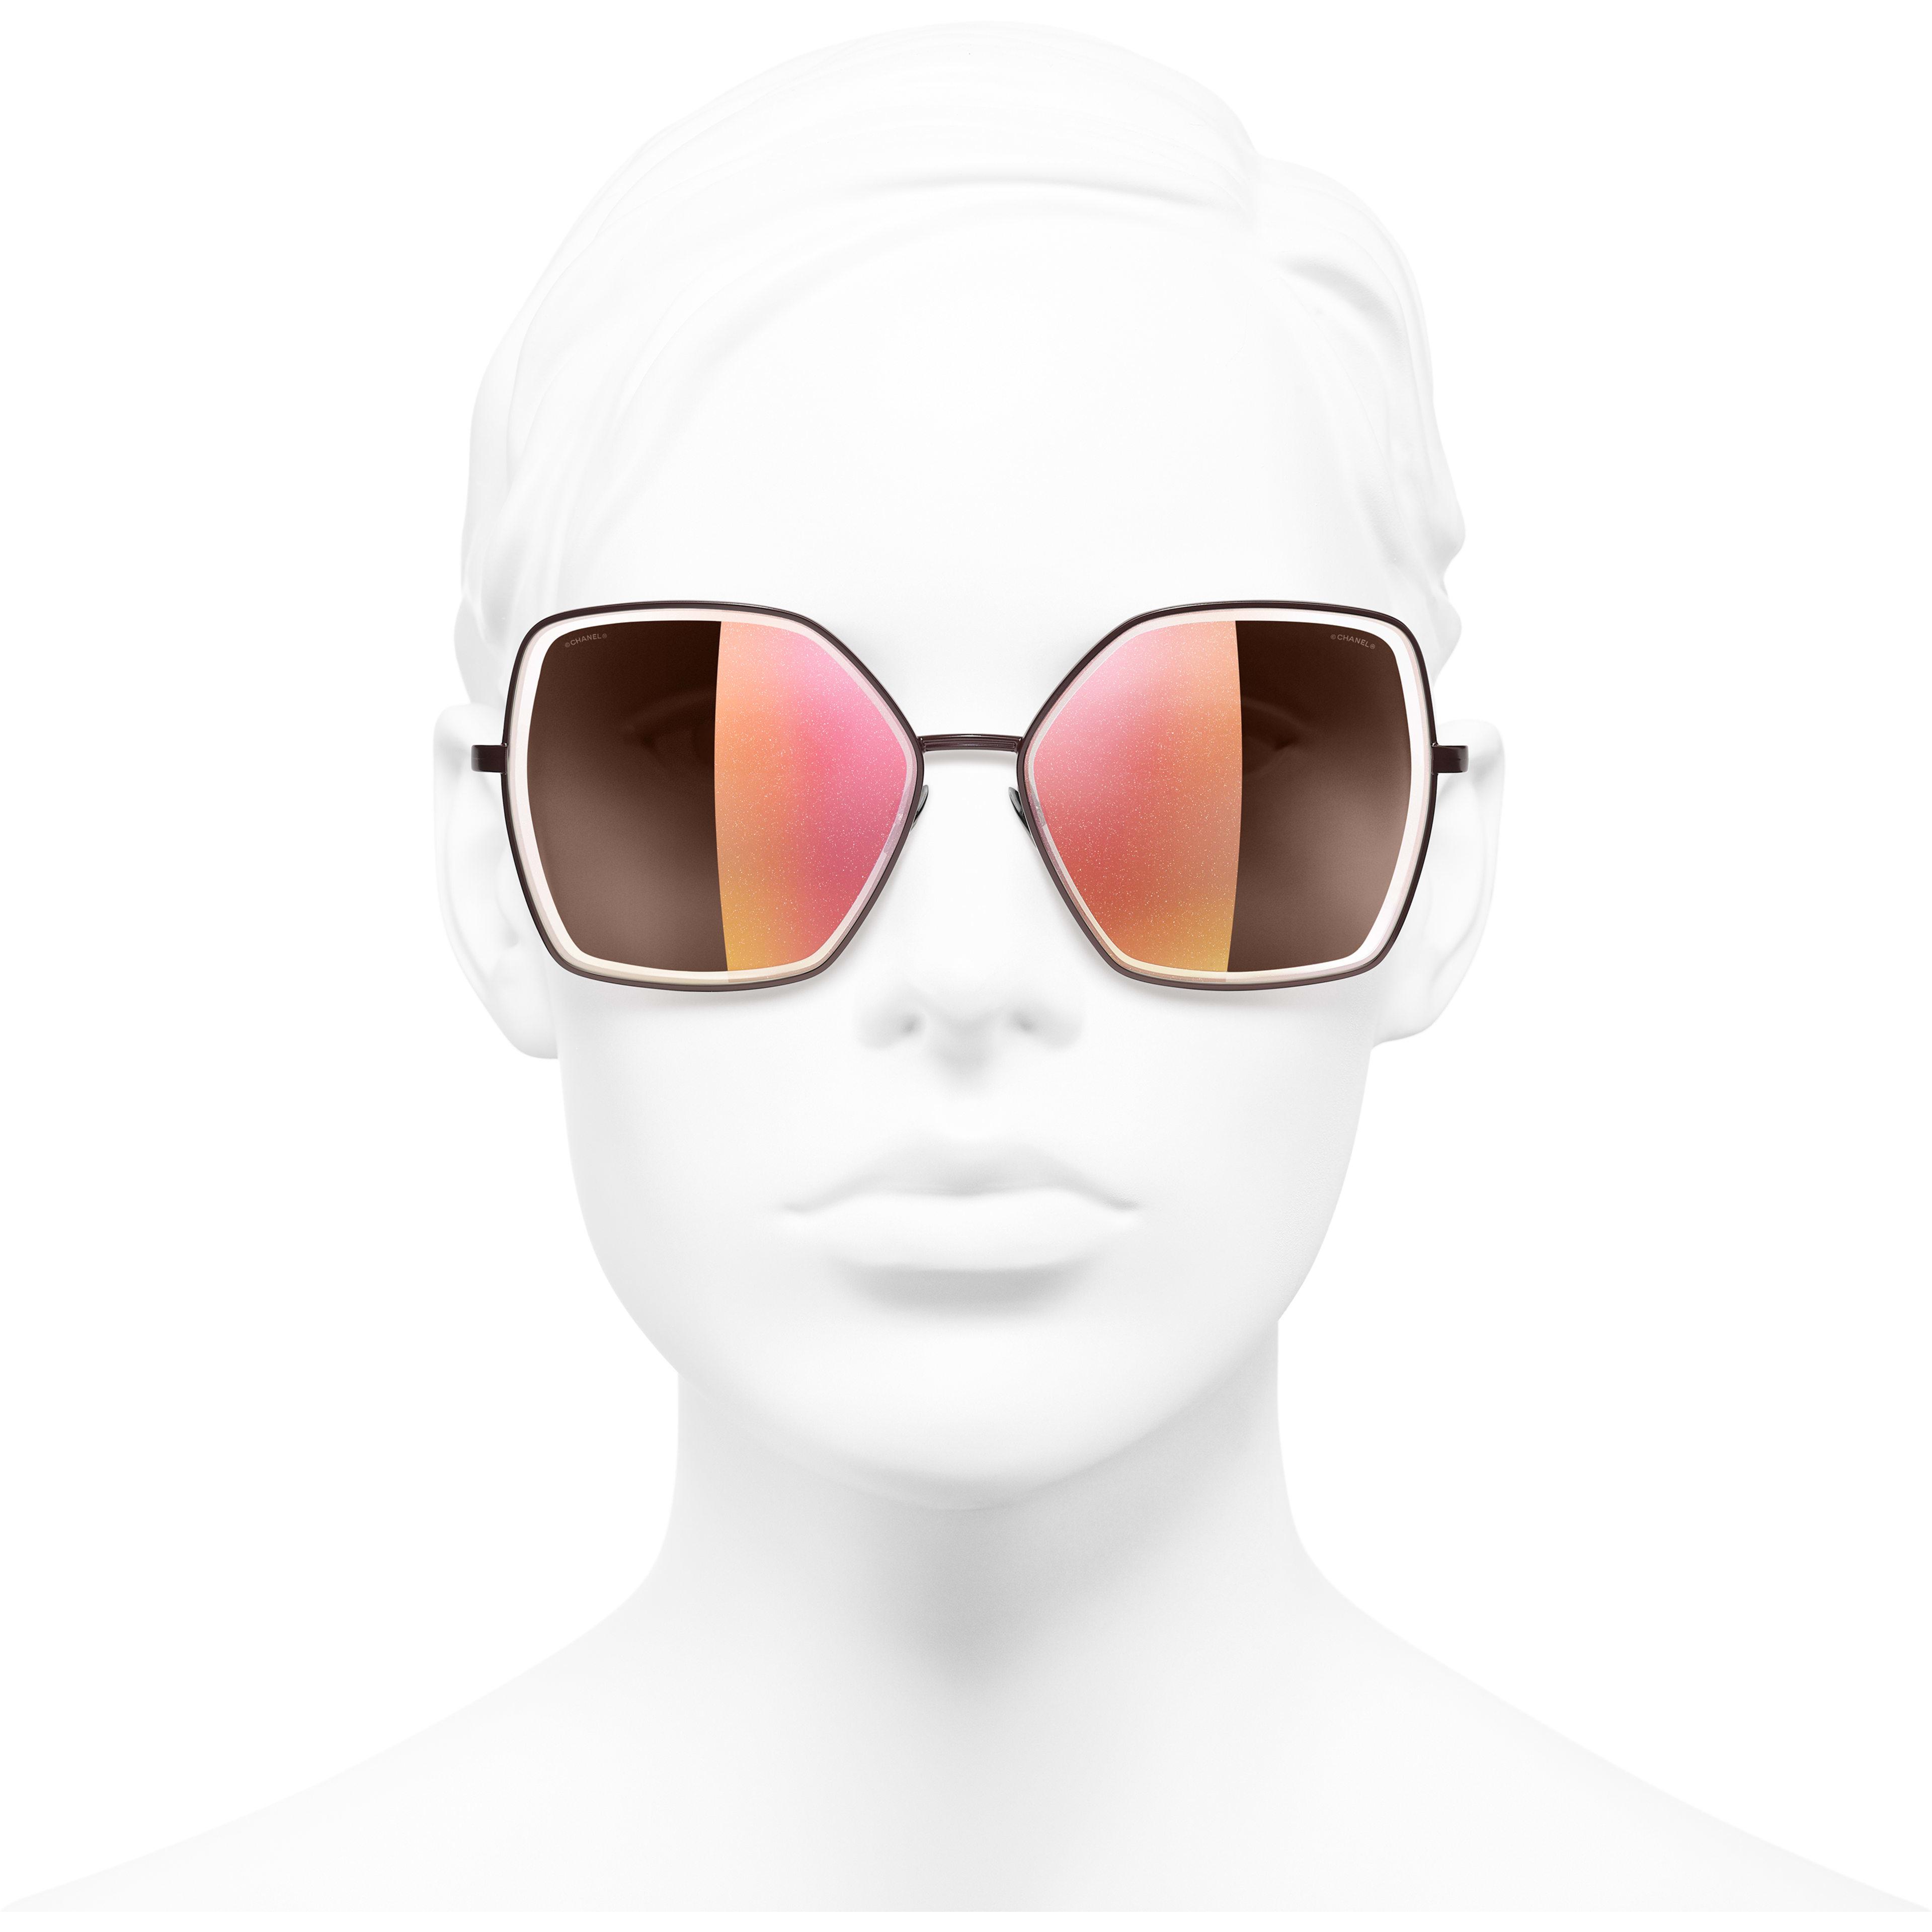 Gafas de sol montura mariposa - Rojo oscuro - Metal - CHANEL - Vista de frente puesto - ver la versión tamaño estándar